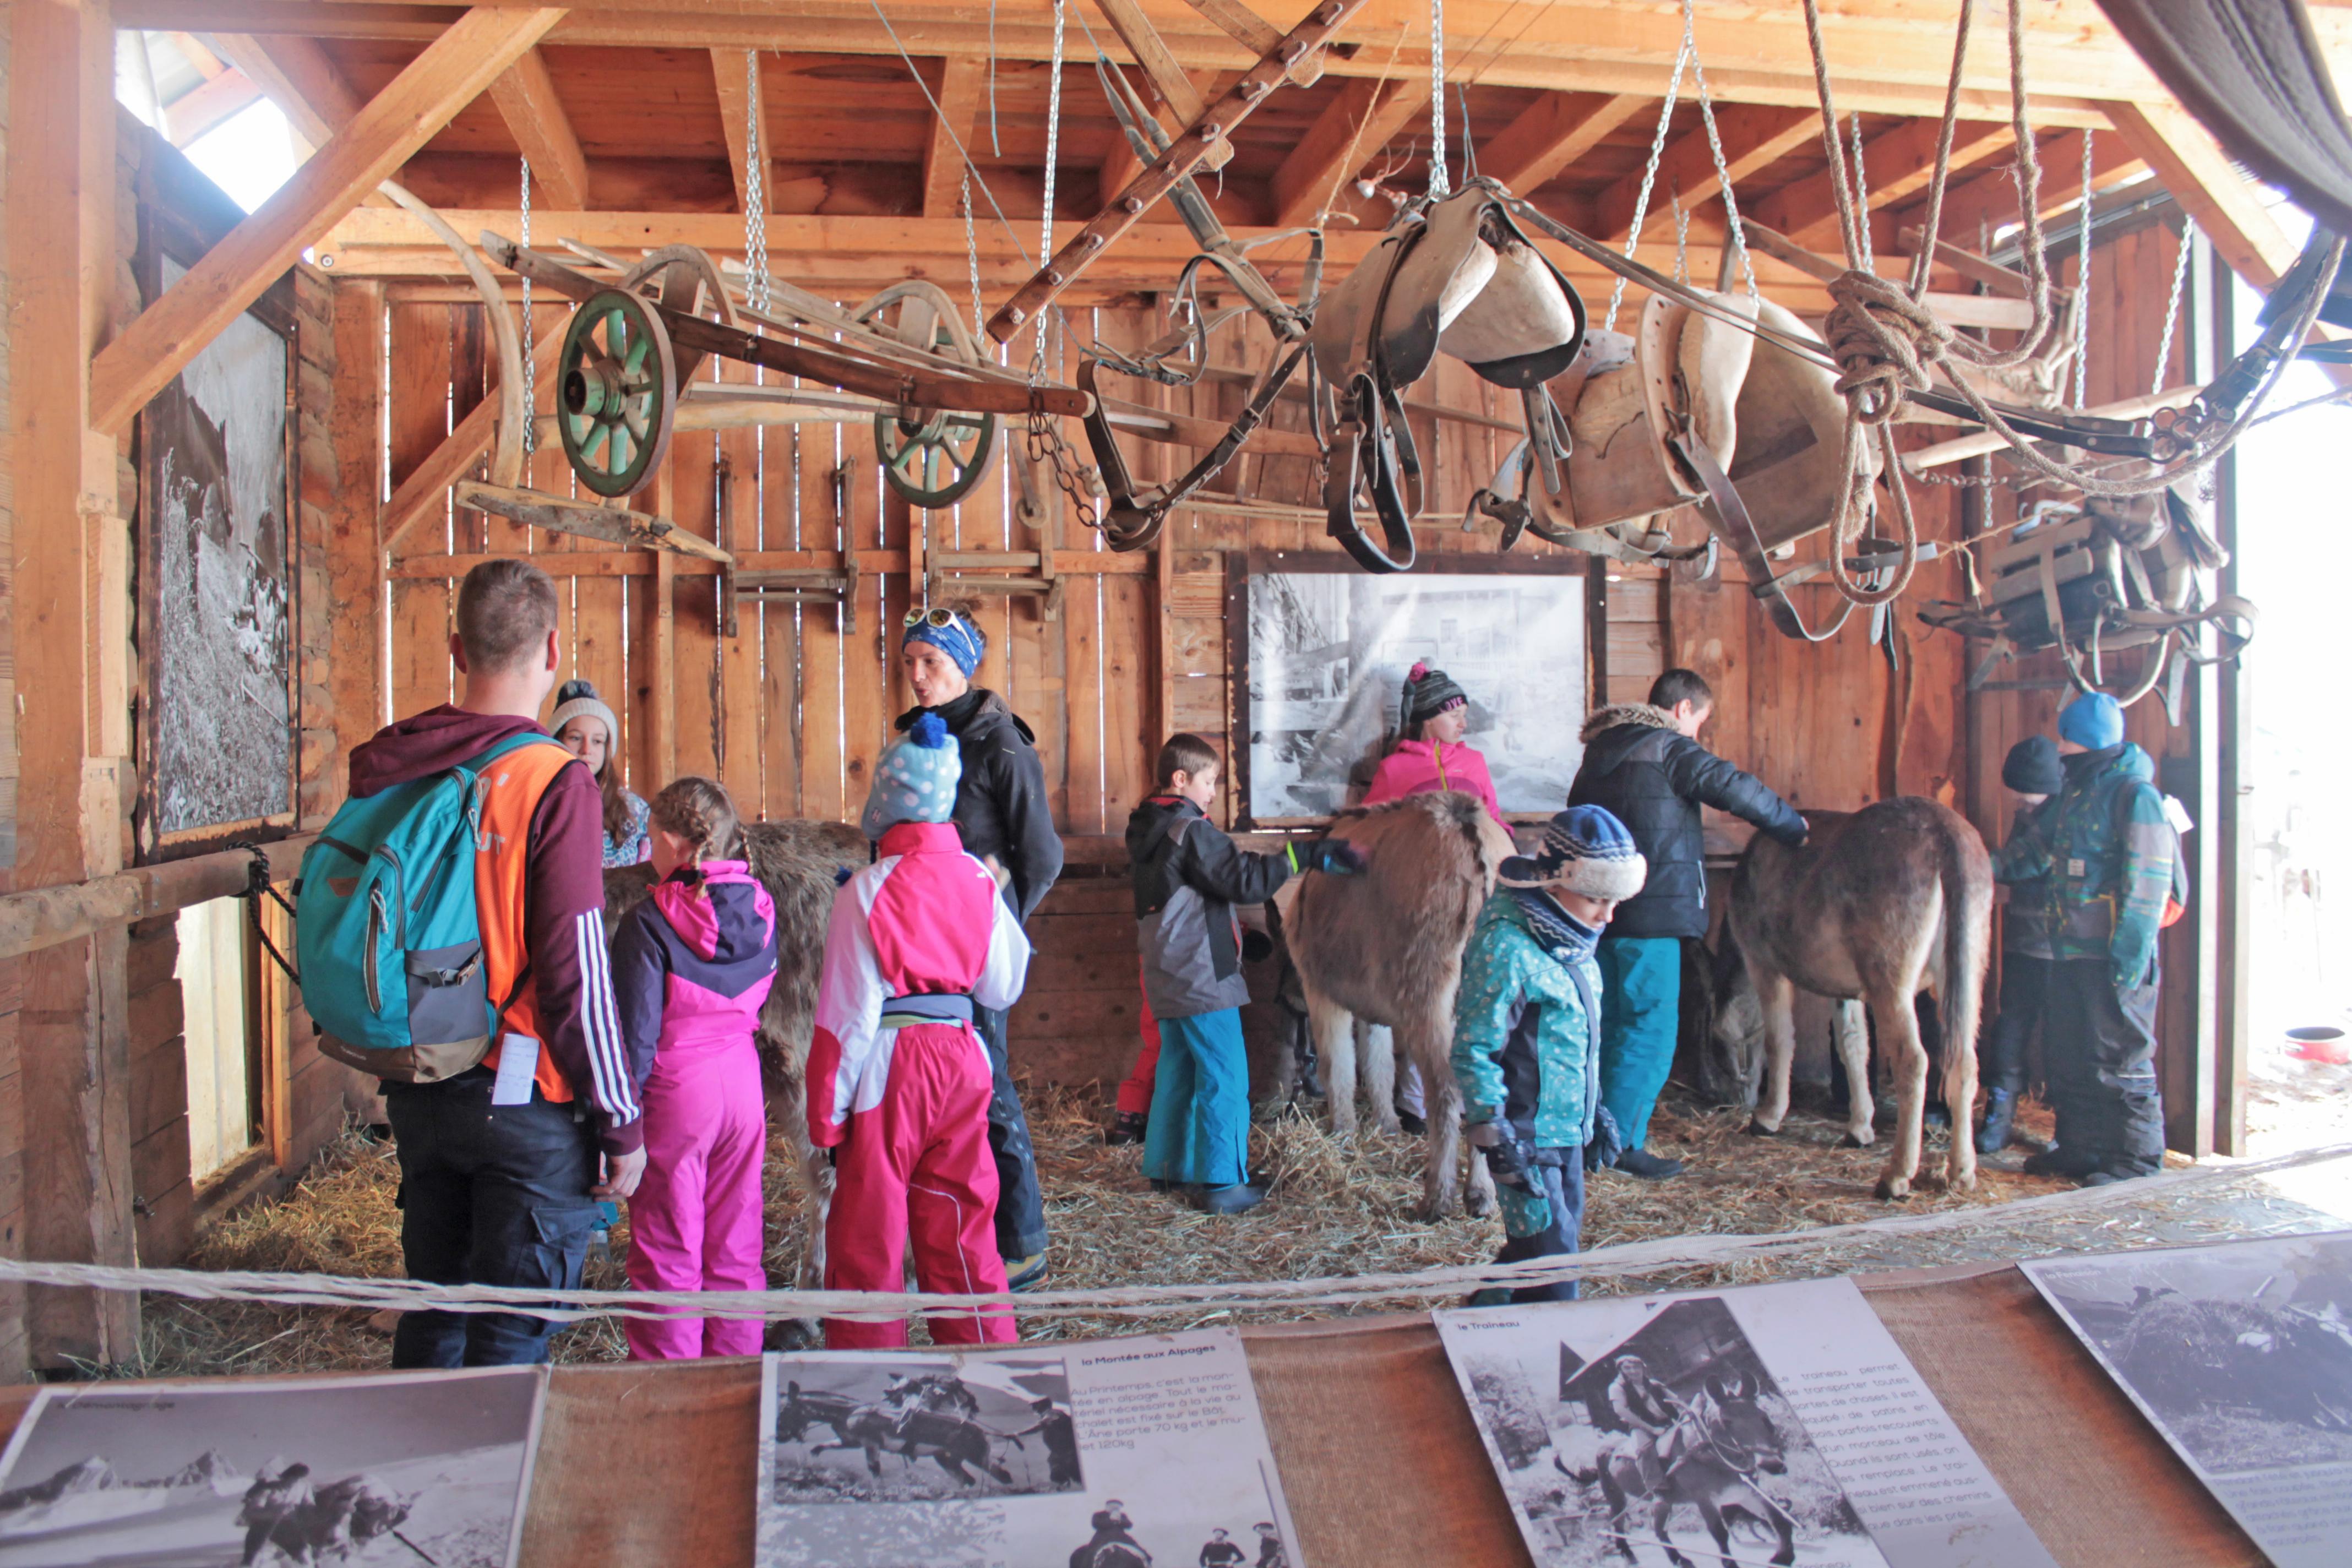 Visite groupe - Ferme des ânes © Office de Tourisme Saint Jean d'Arves - Les Sybelles